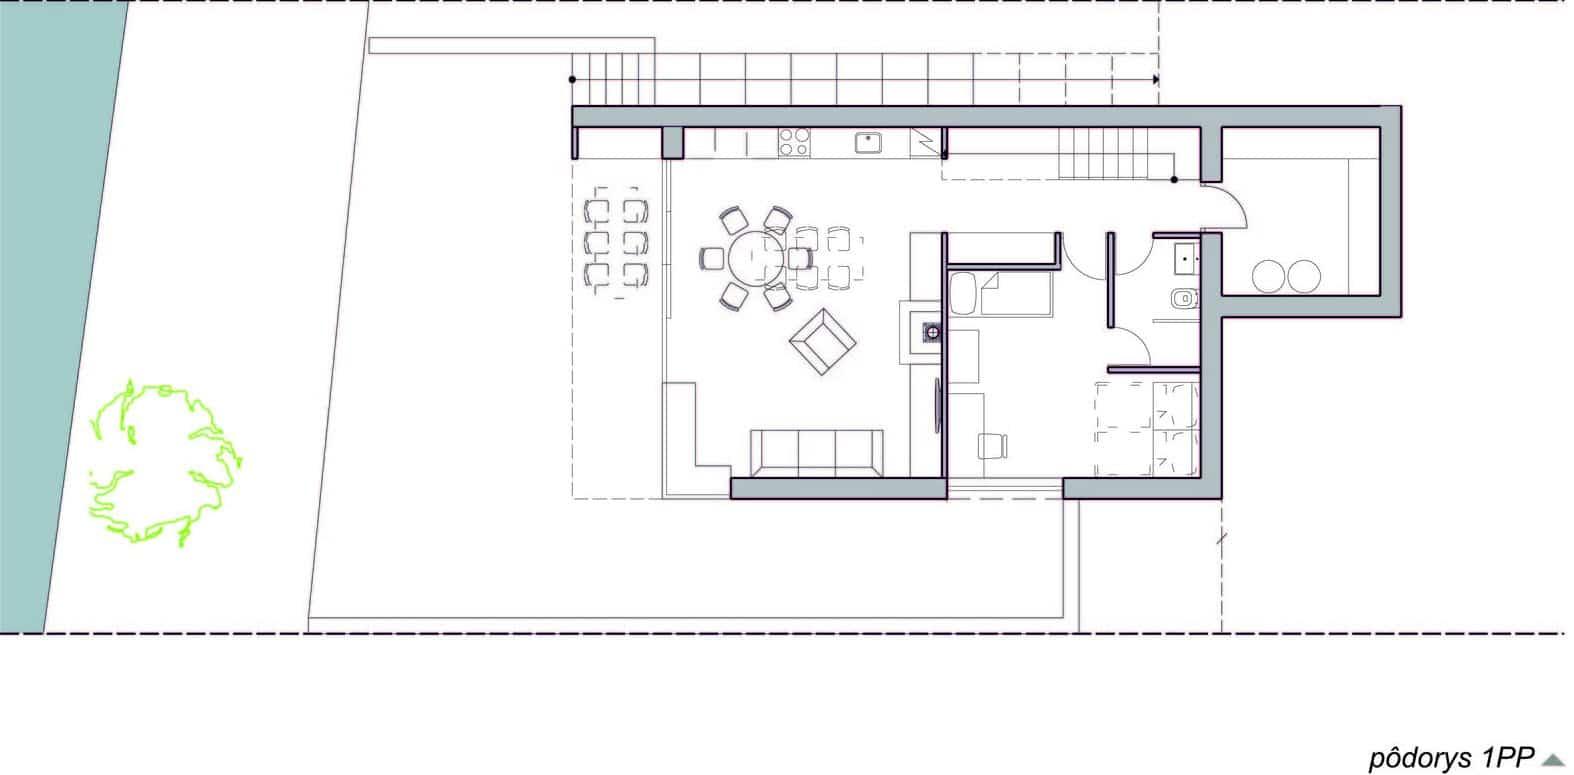 Dise o de casa de campo peque a con moderna estructura de for Planos para casas pequenas